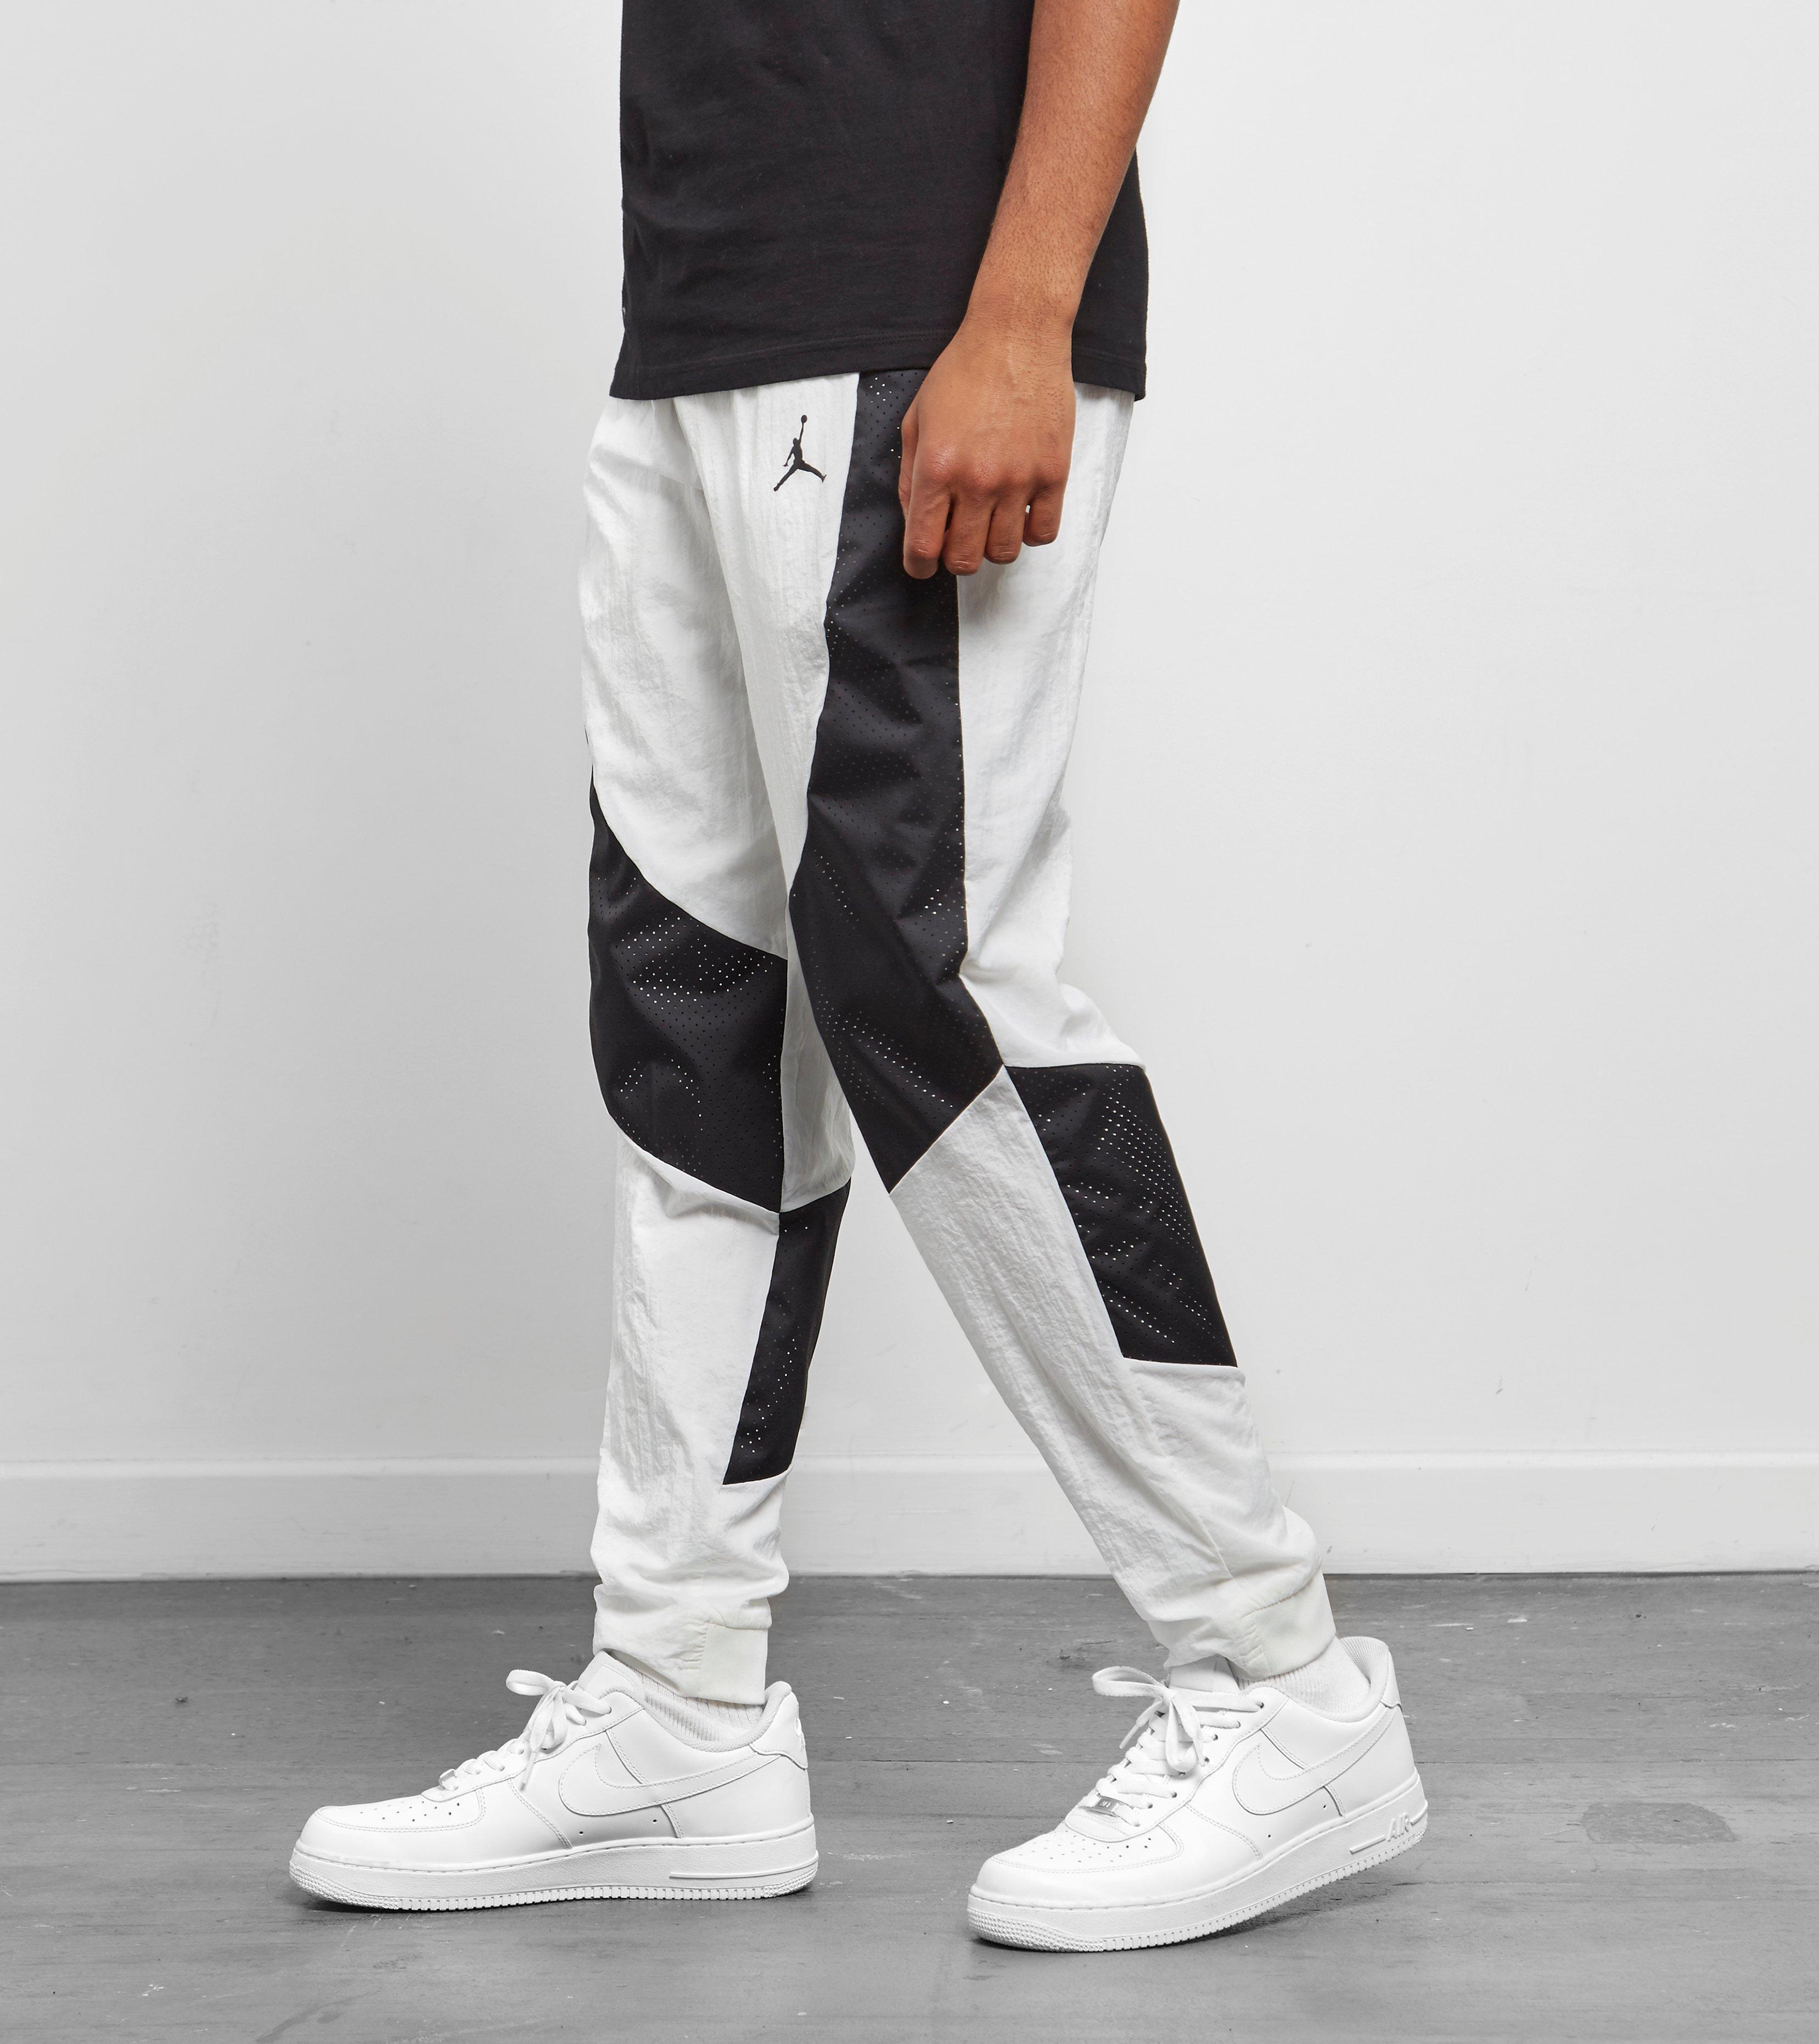 5bbb1af0793330 Nike Jsw Wings Muscle Pants in Black for Men - Lyst